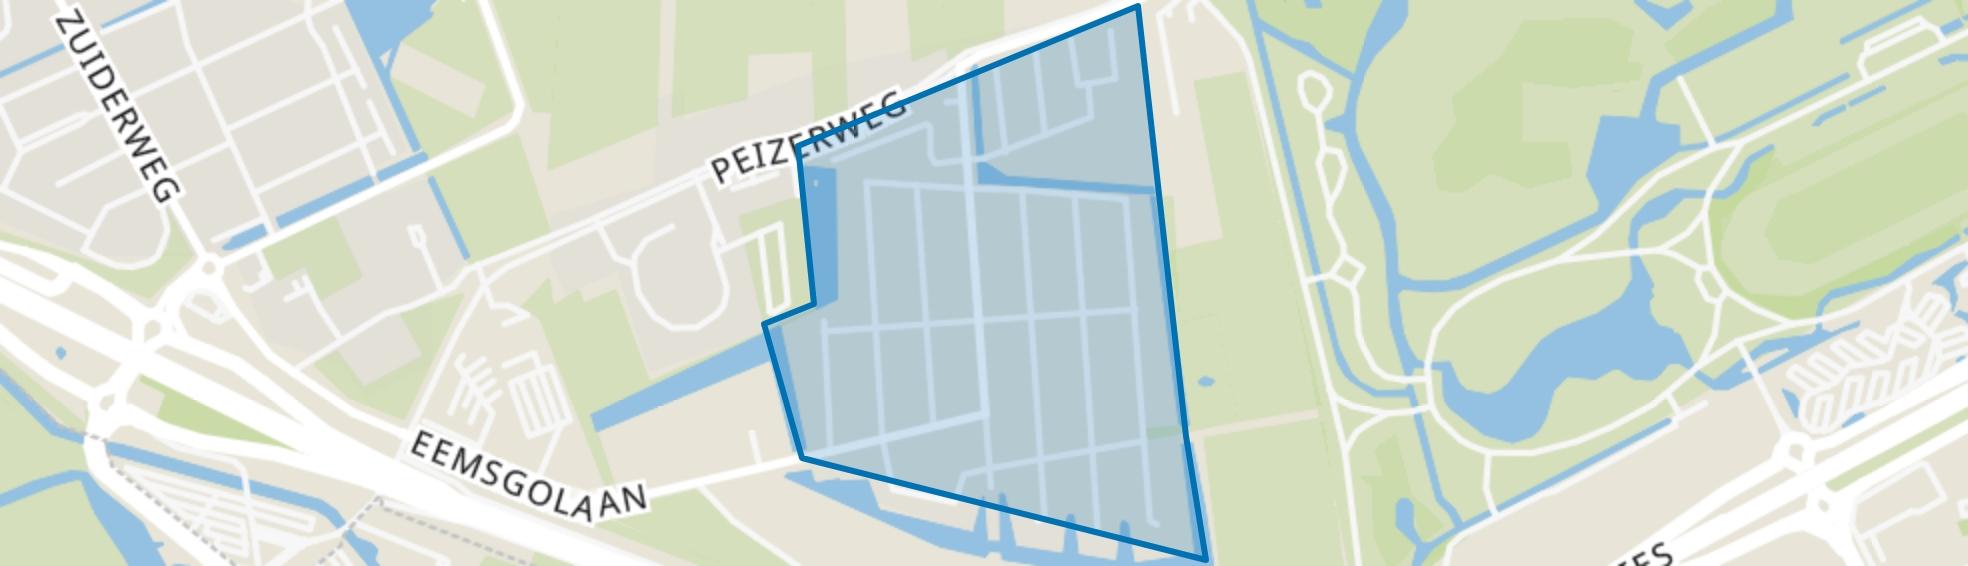 De Buitenhof, Groningen map